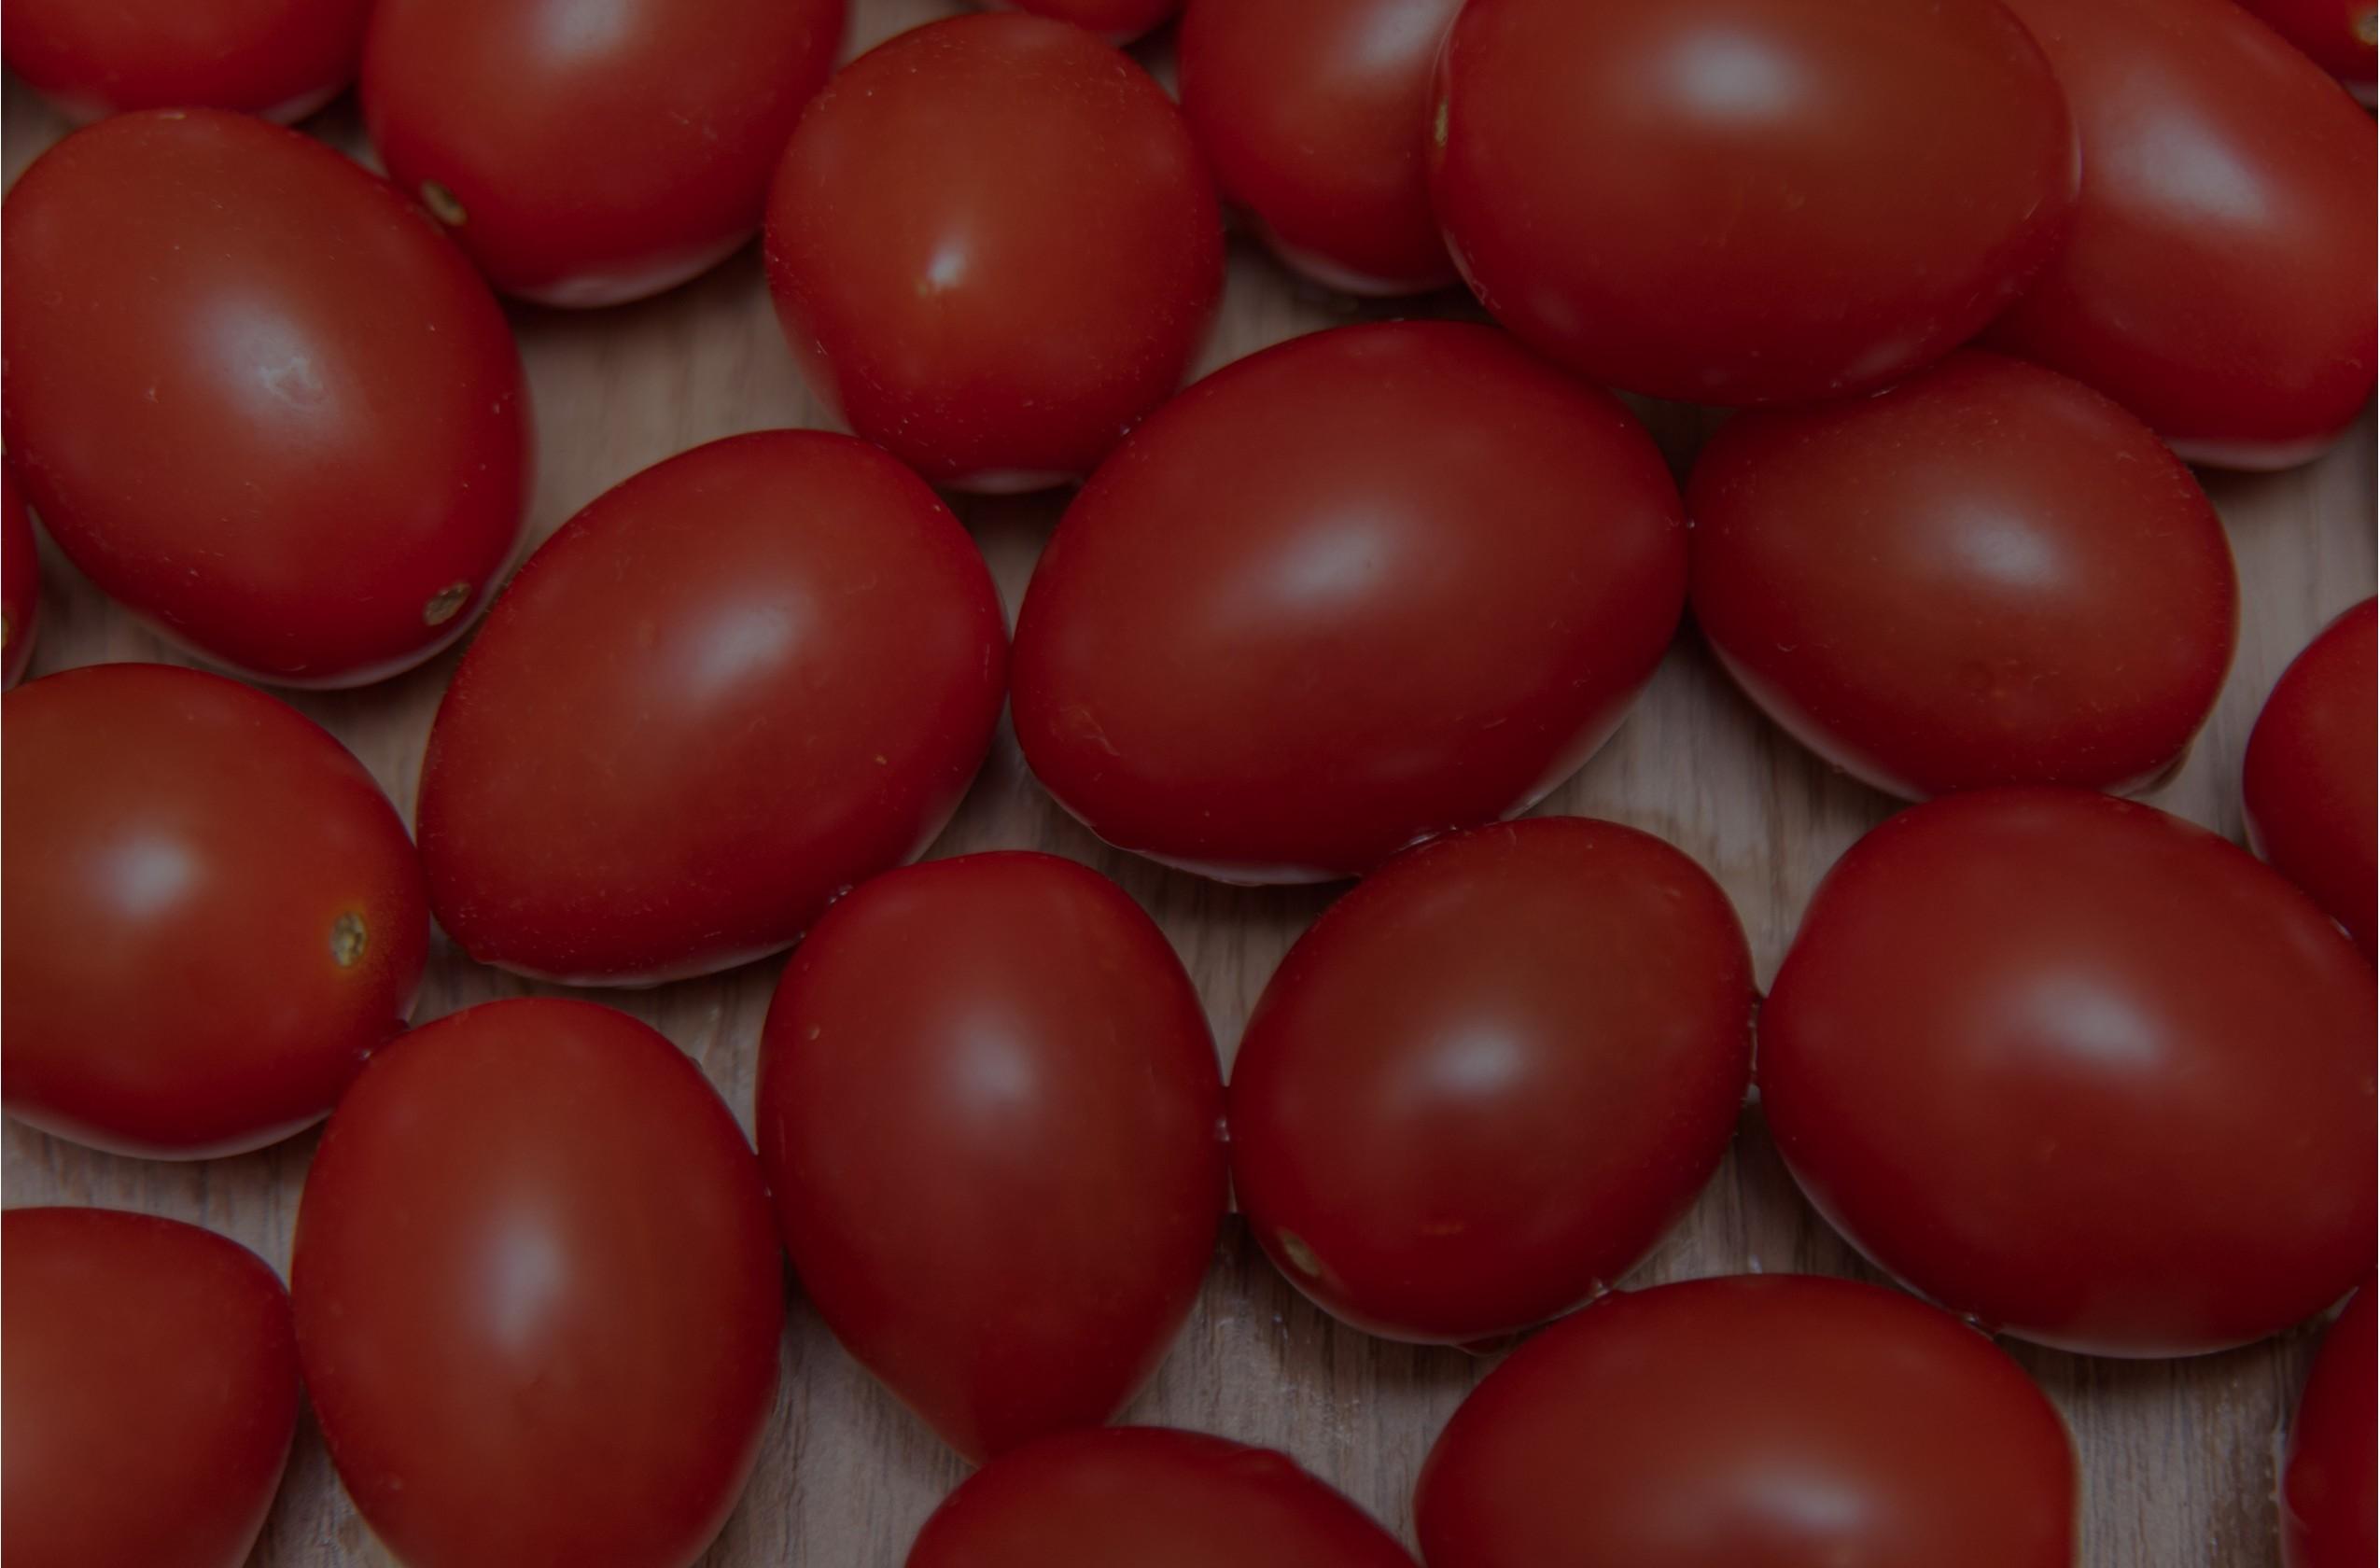 Pomidory tunelowe, pomidor matias, pomidor vitalina oraz inne odmiany nasion pomidorów tunelowych